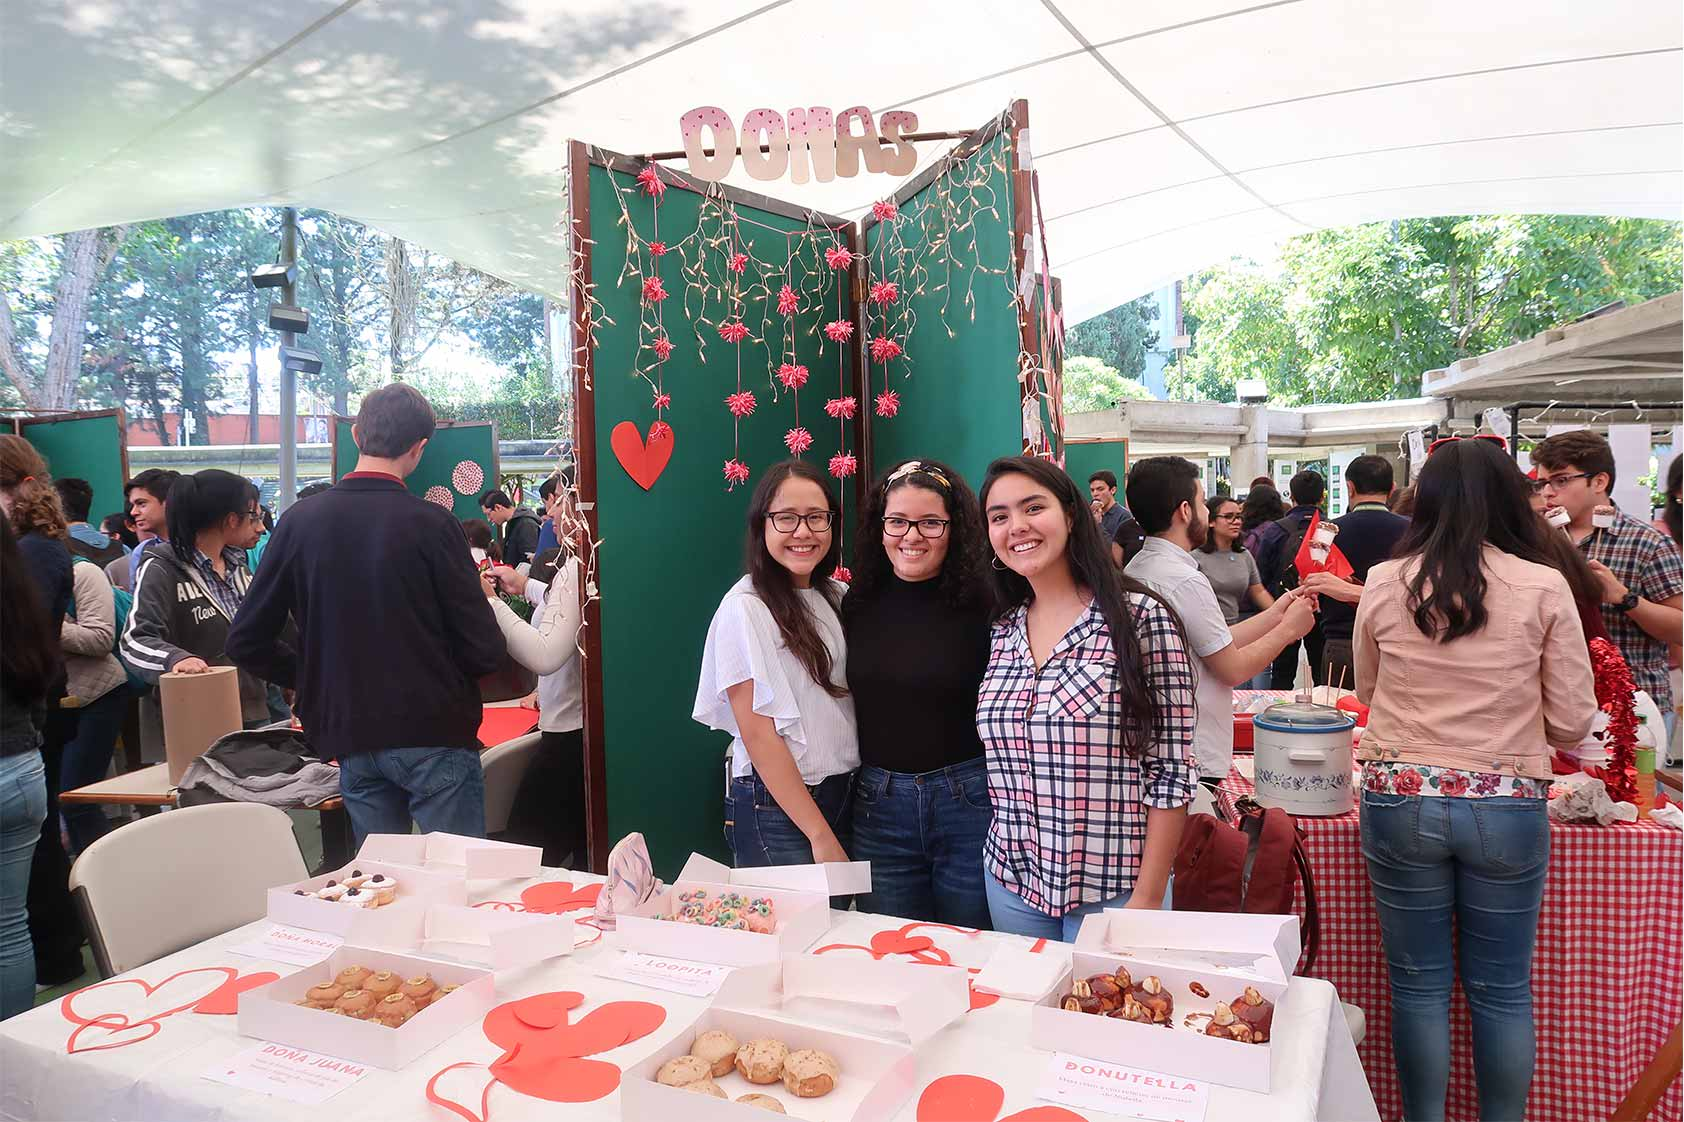 San Valentín al estilo UVG